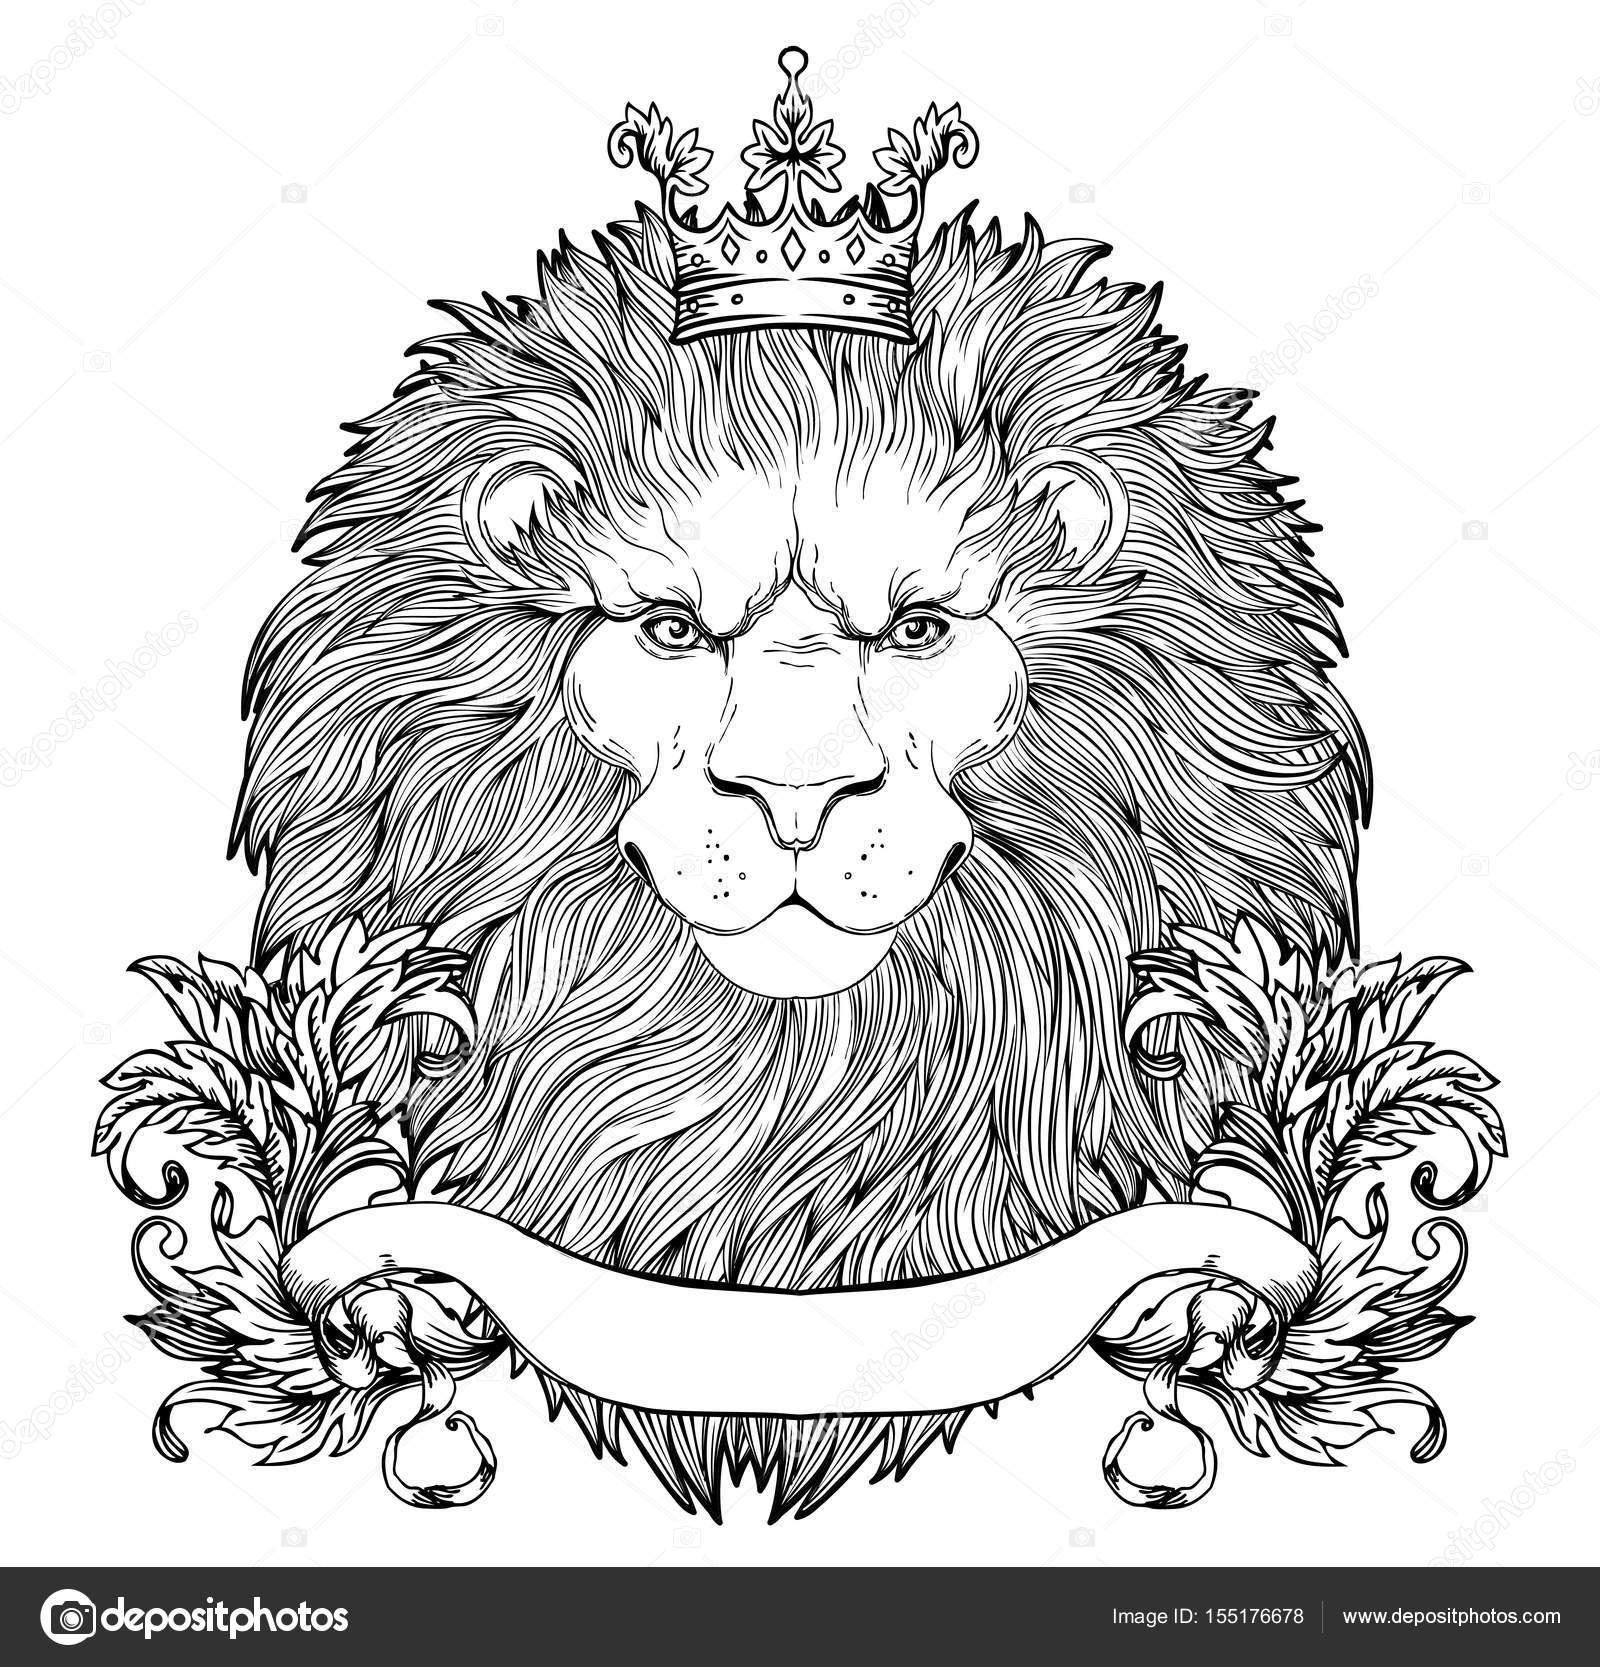 Kraliyet Tacı Olan Hanedan Aslan Kafasının Dekoratif Illüstrasyon